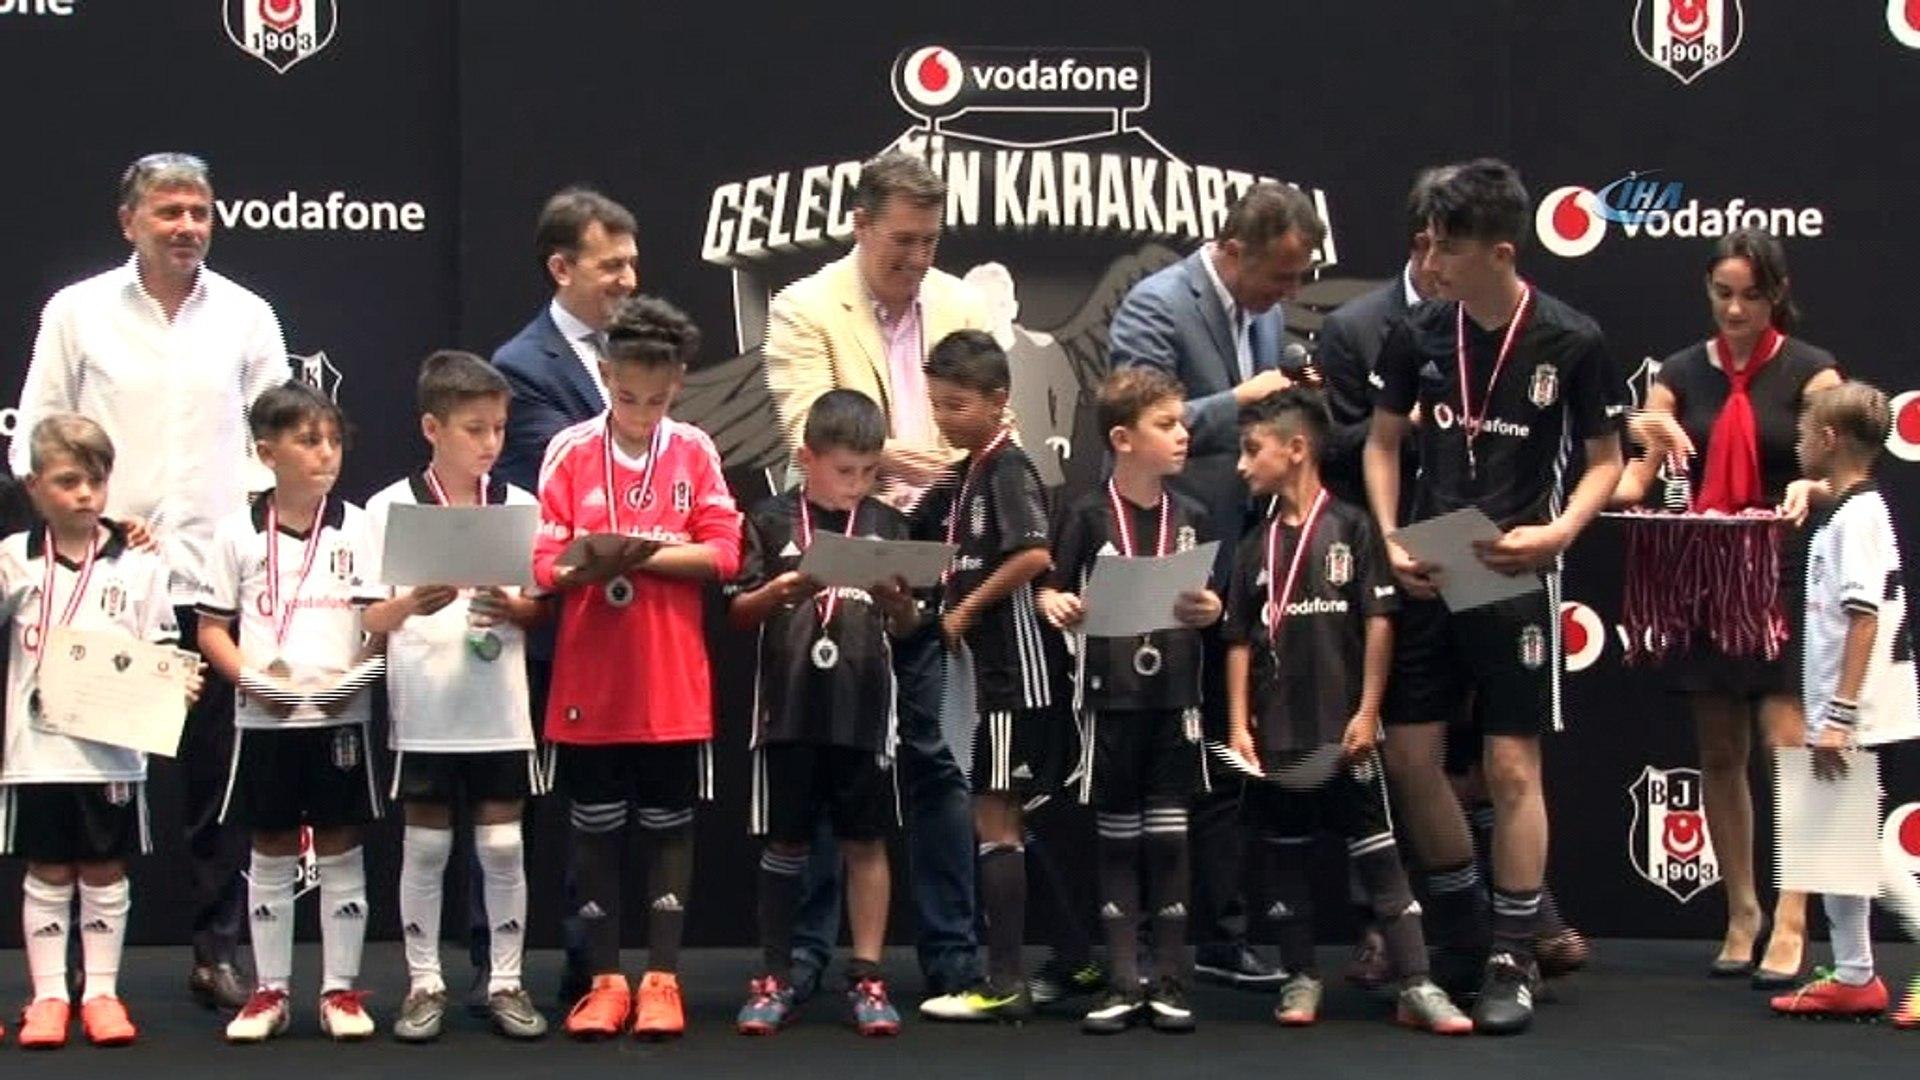 Vodafone Geleceğin KaraKartalı projesiyle Beşiktaş alt yapısına katılacak futbolcular belli oldu -1-